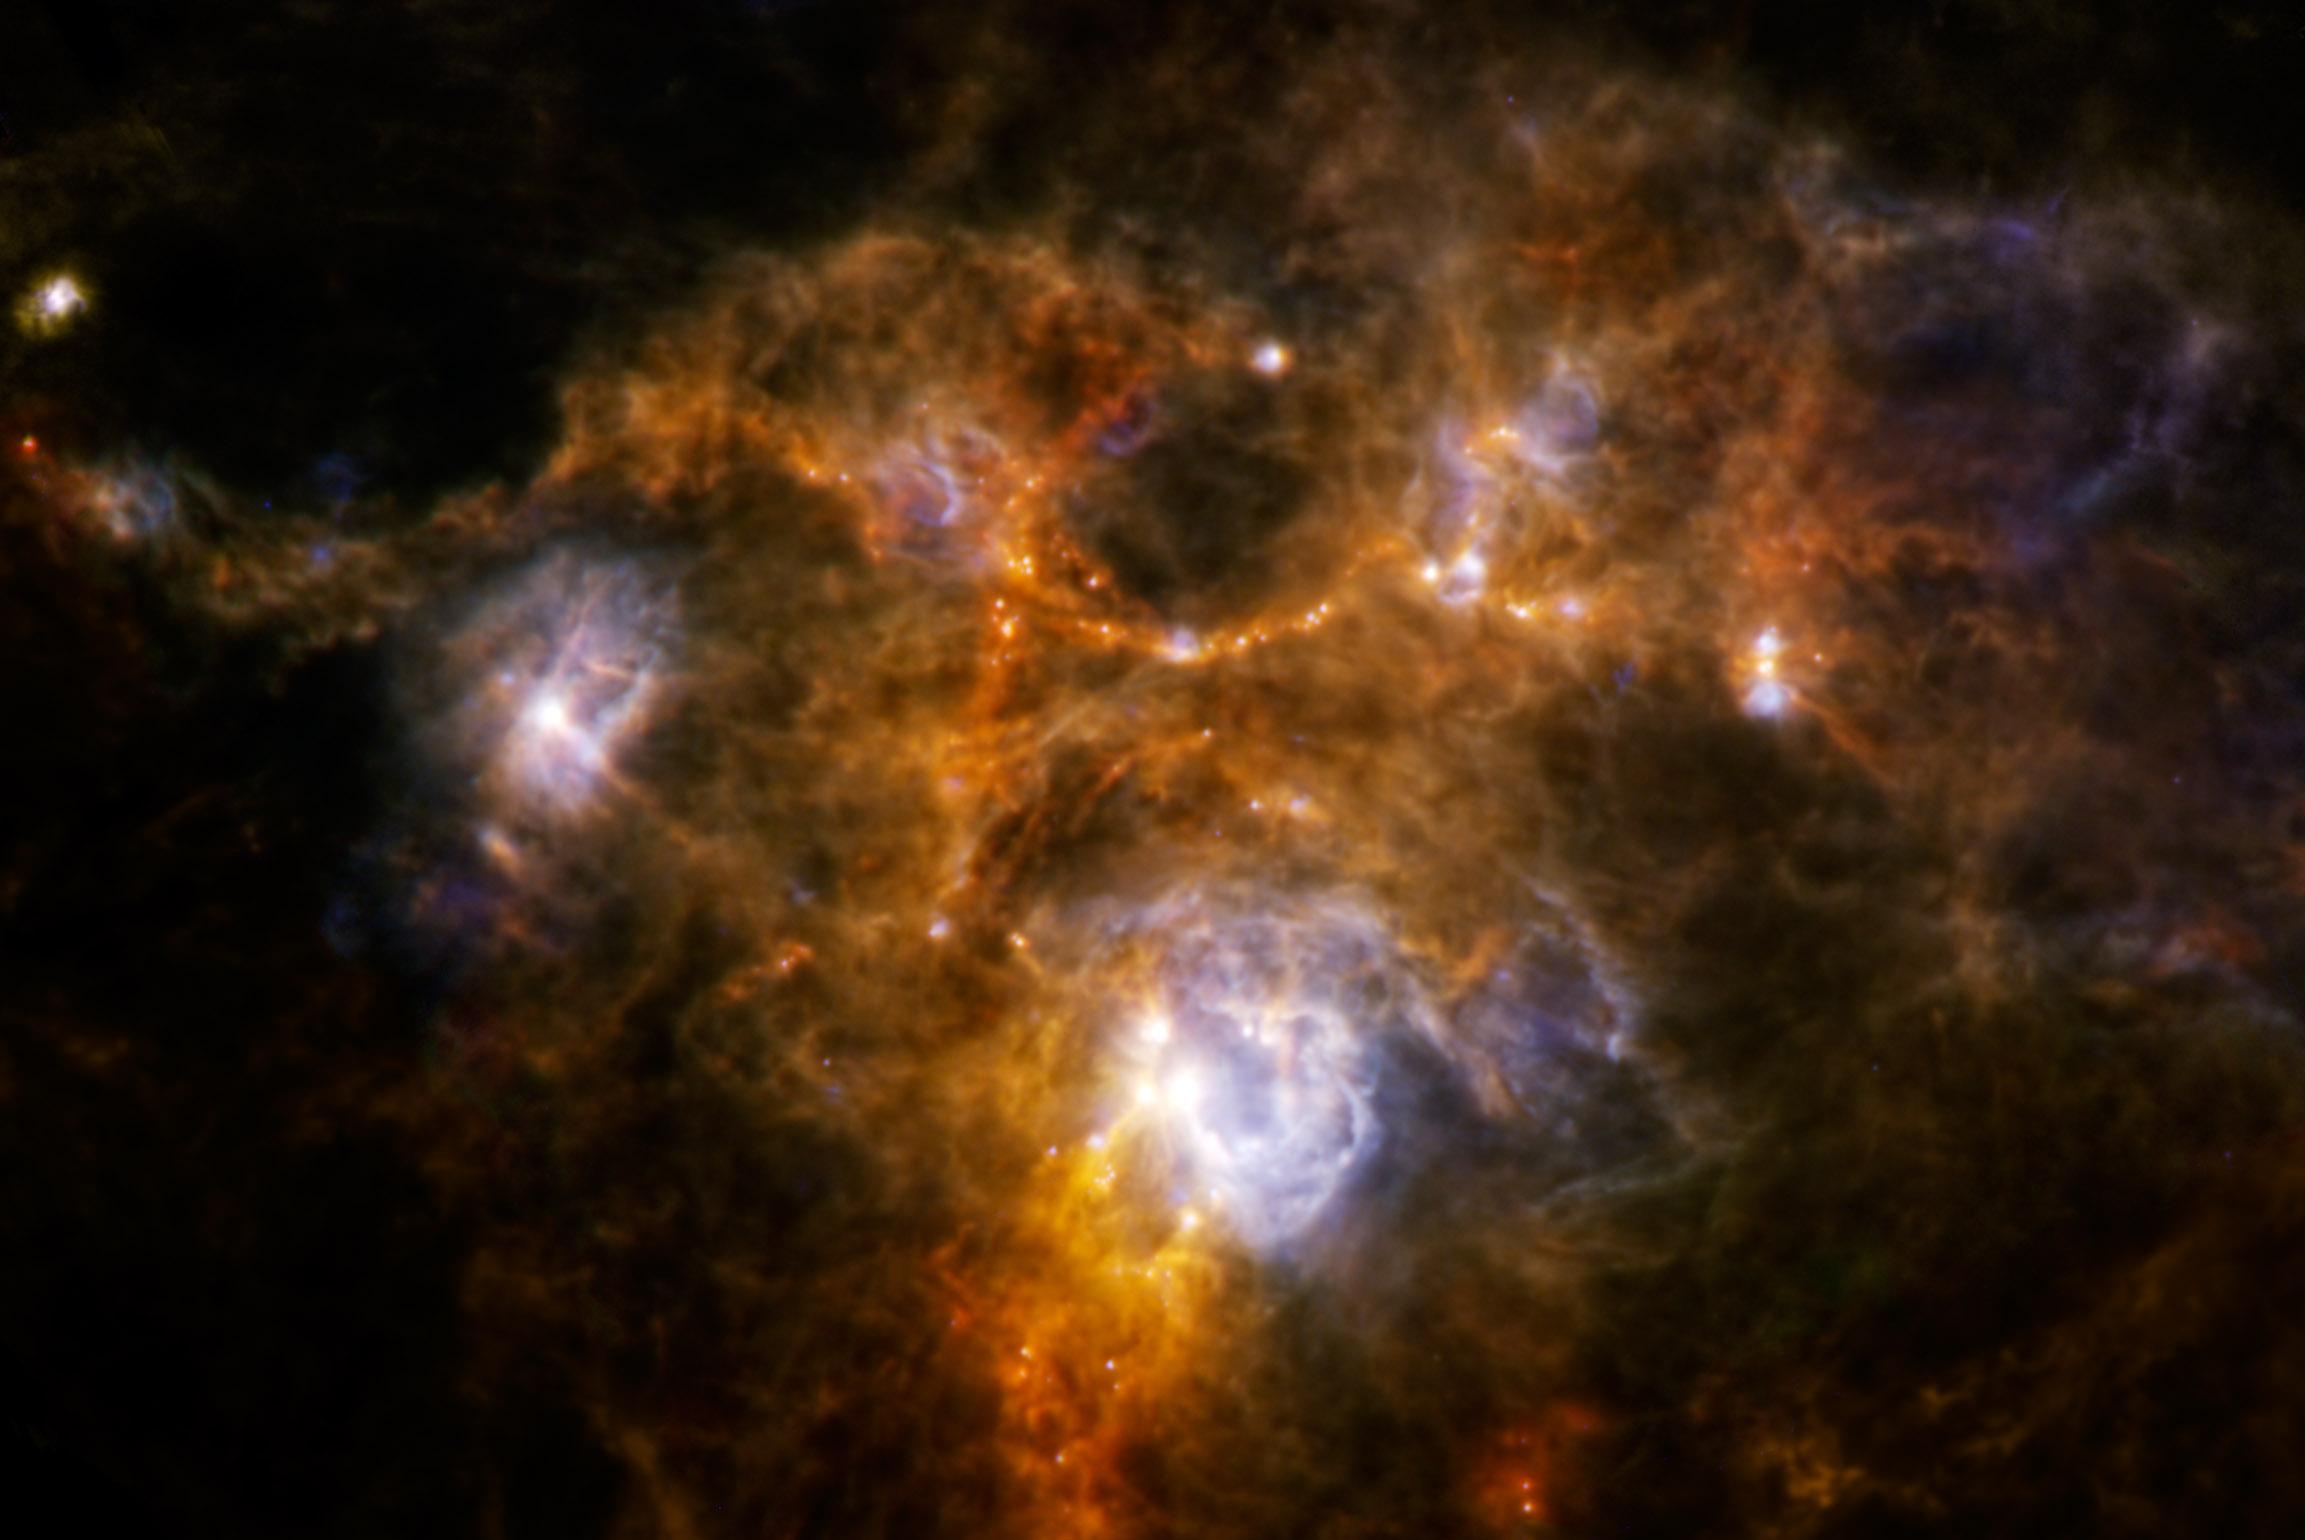 1567216600233-Herschel_ngc7538.jpg